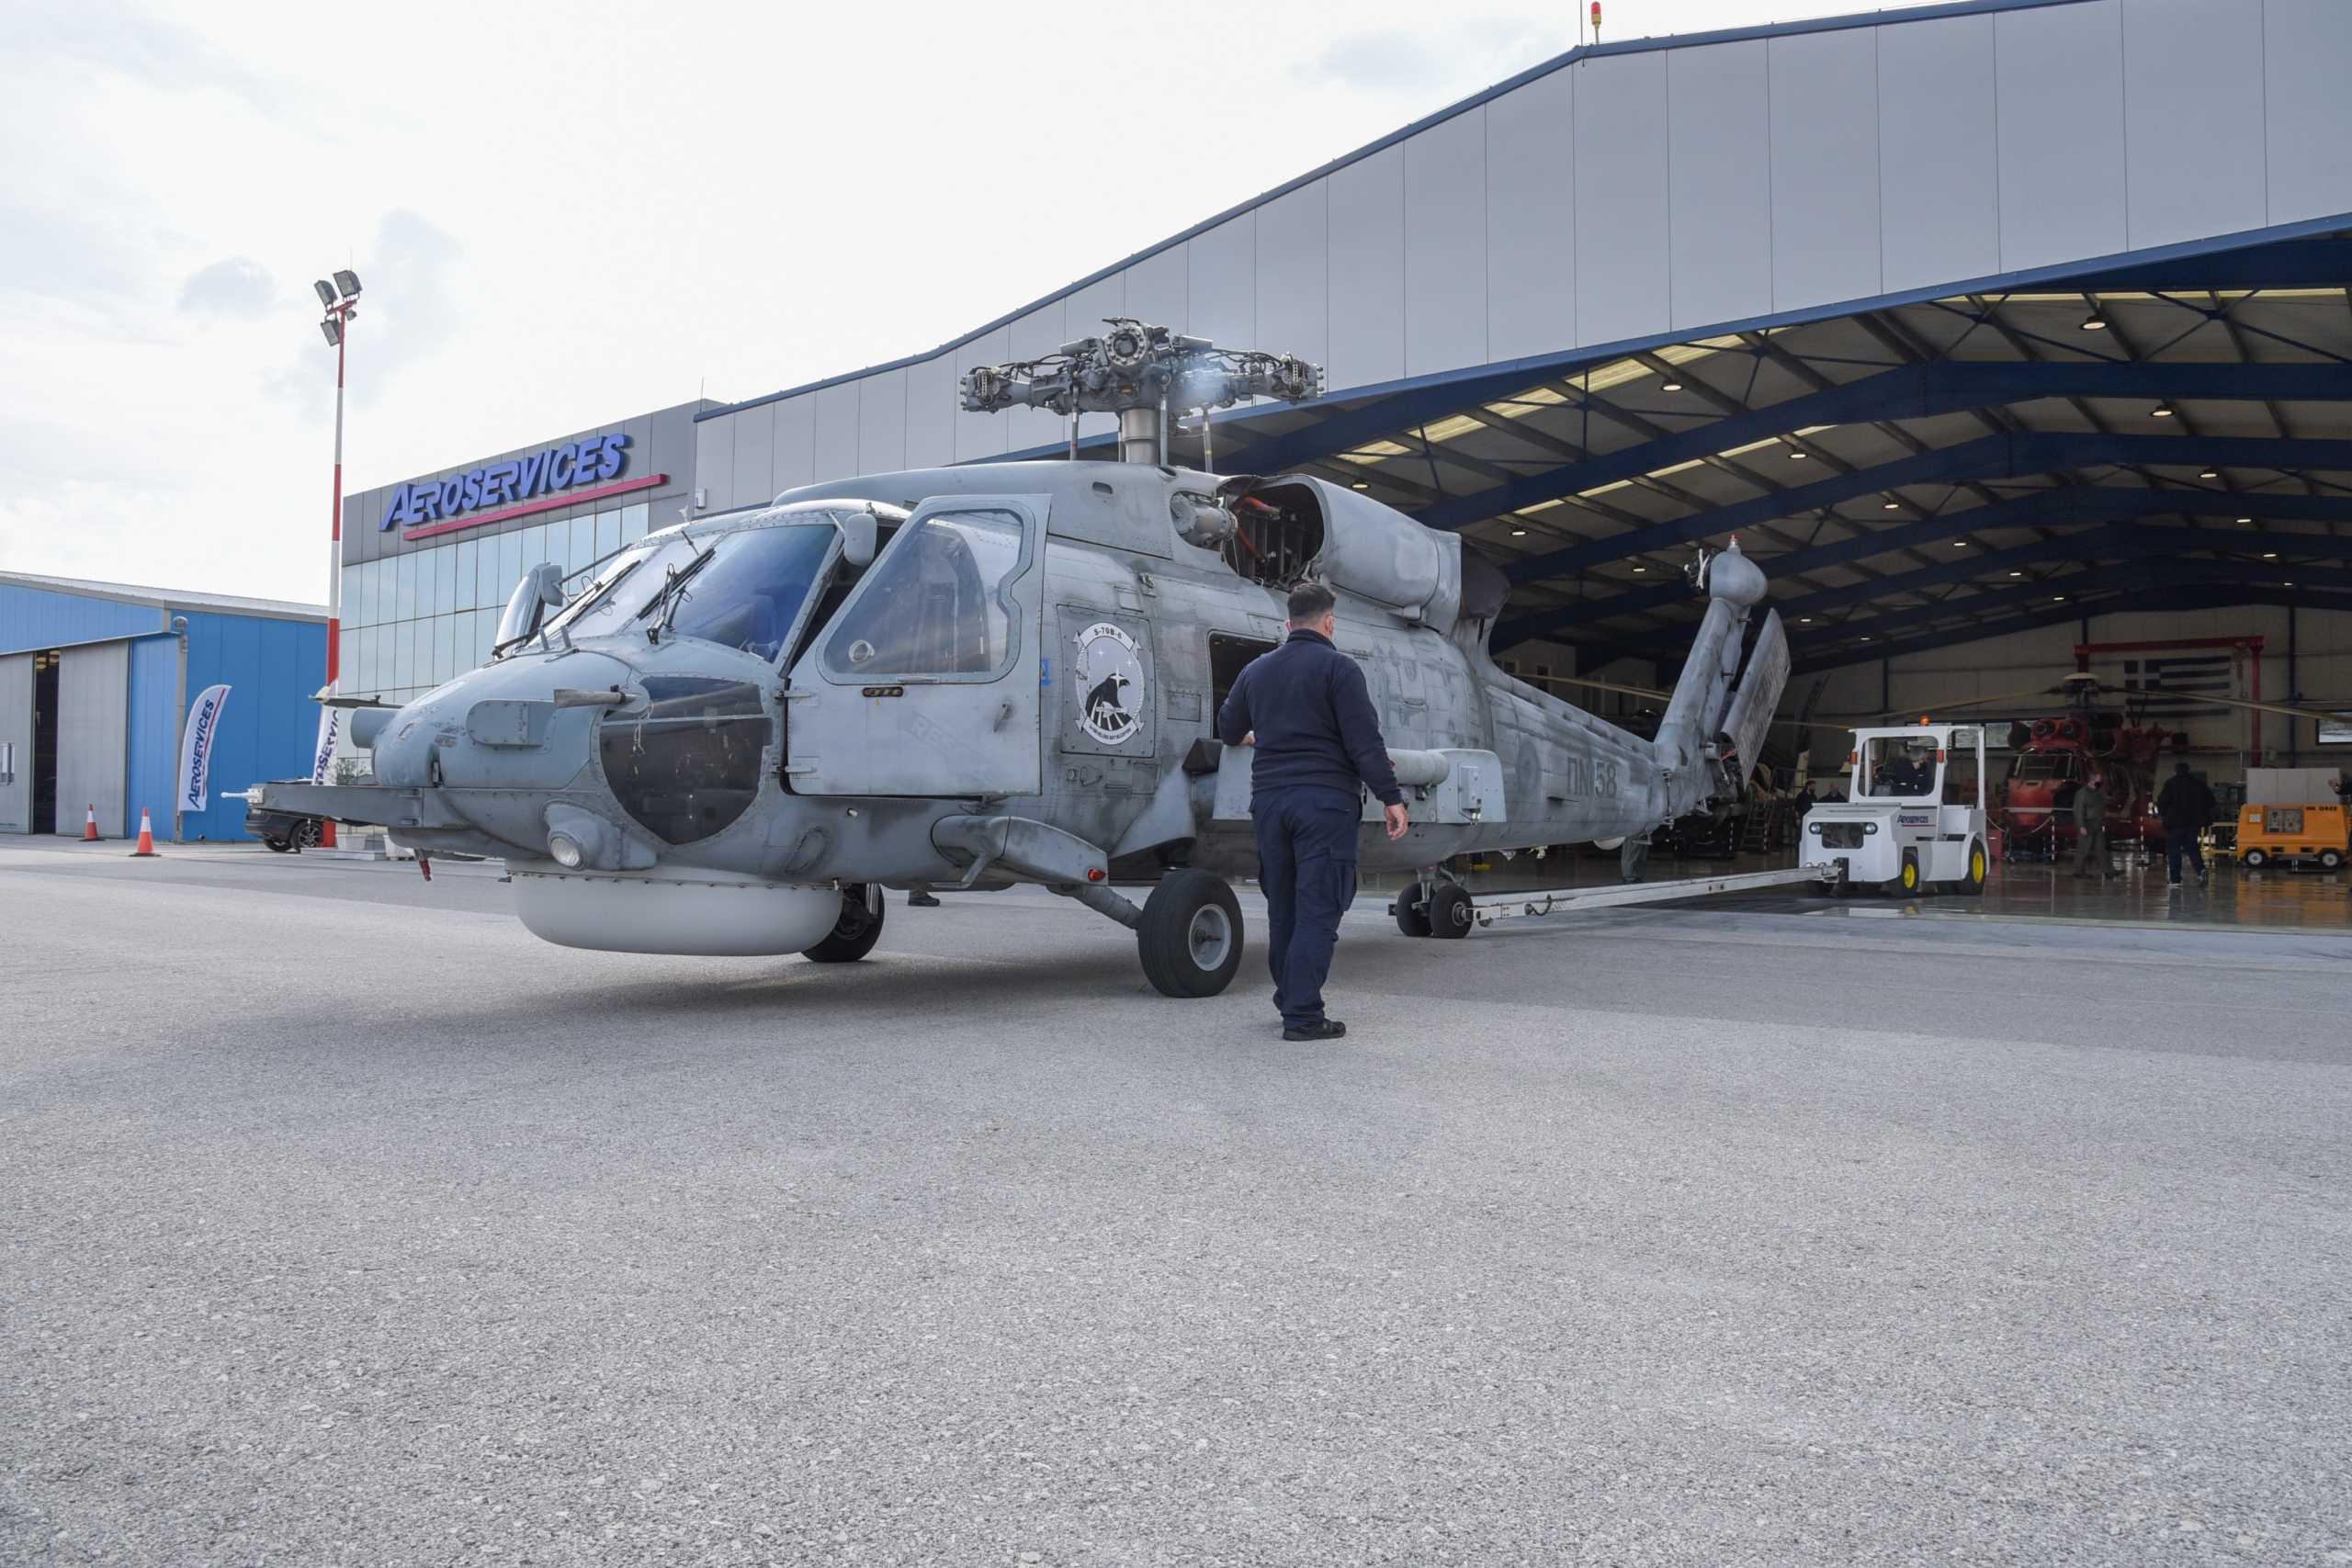 Τι απάντησε ο ΥΕΘΑ σε ερώτηση για τη «συντήρηση Πτητικών Μέσων Ενόπλων Δυνάμεων»